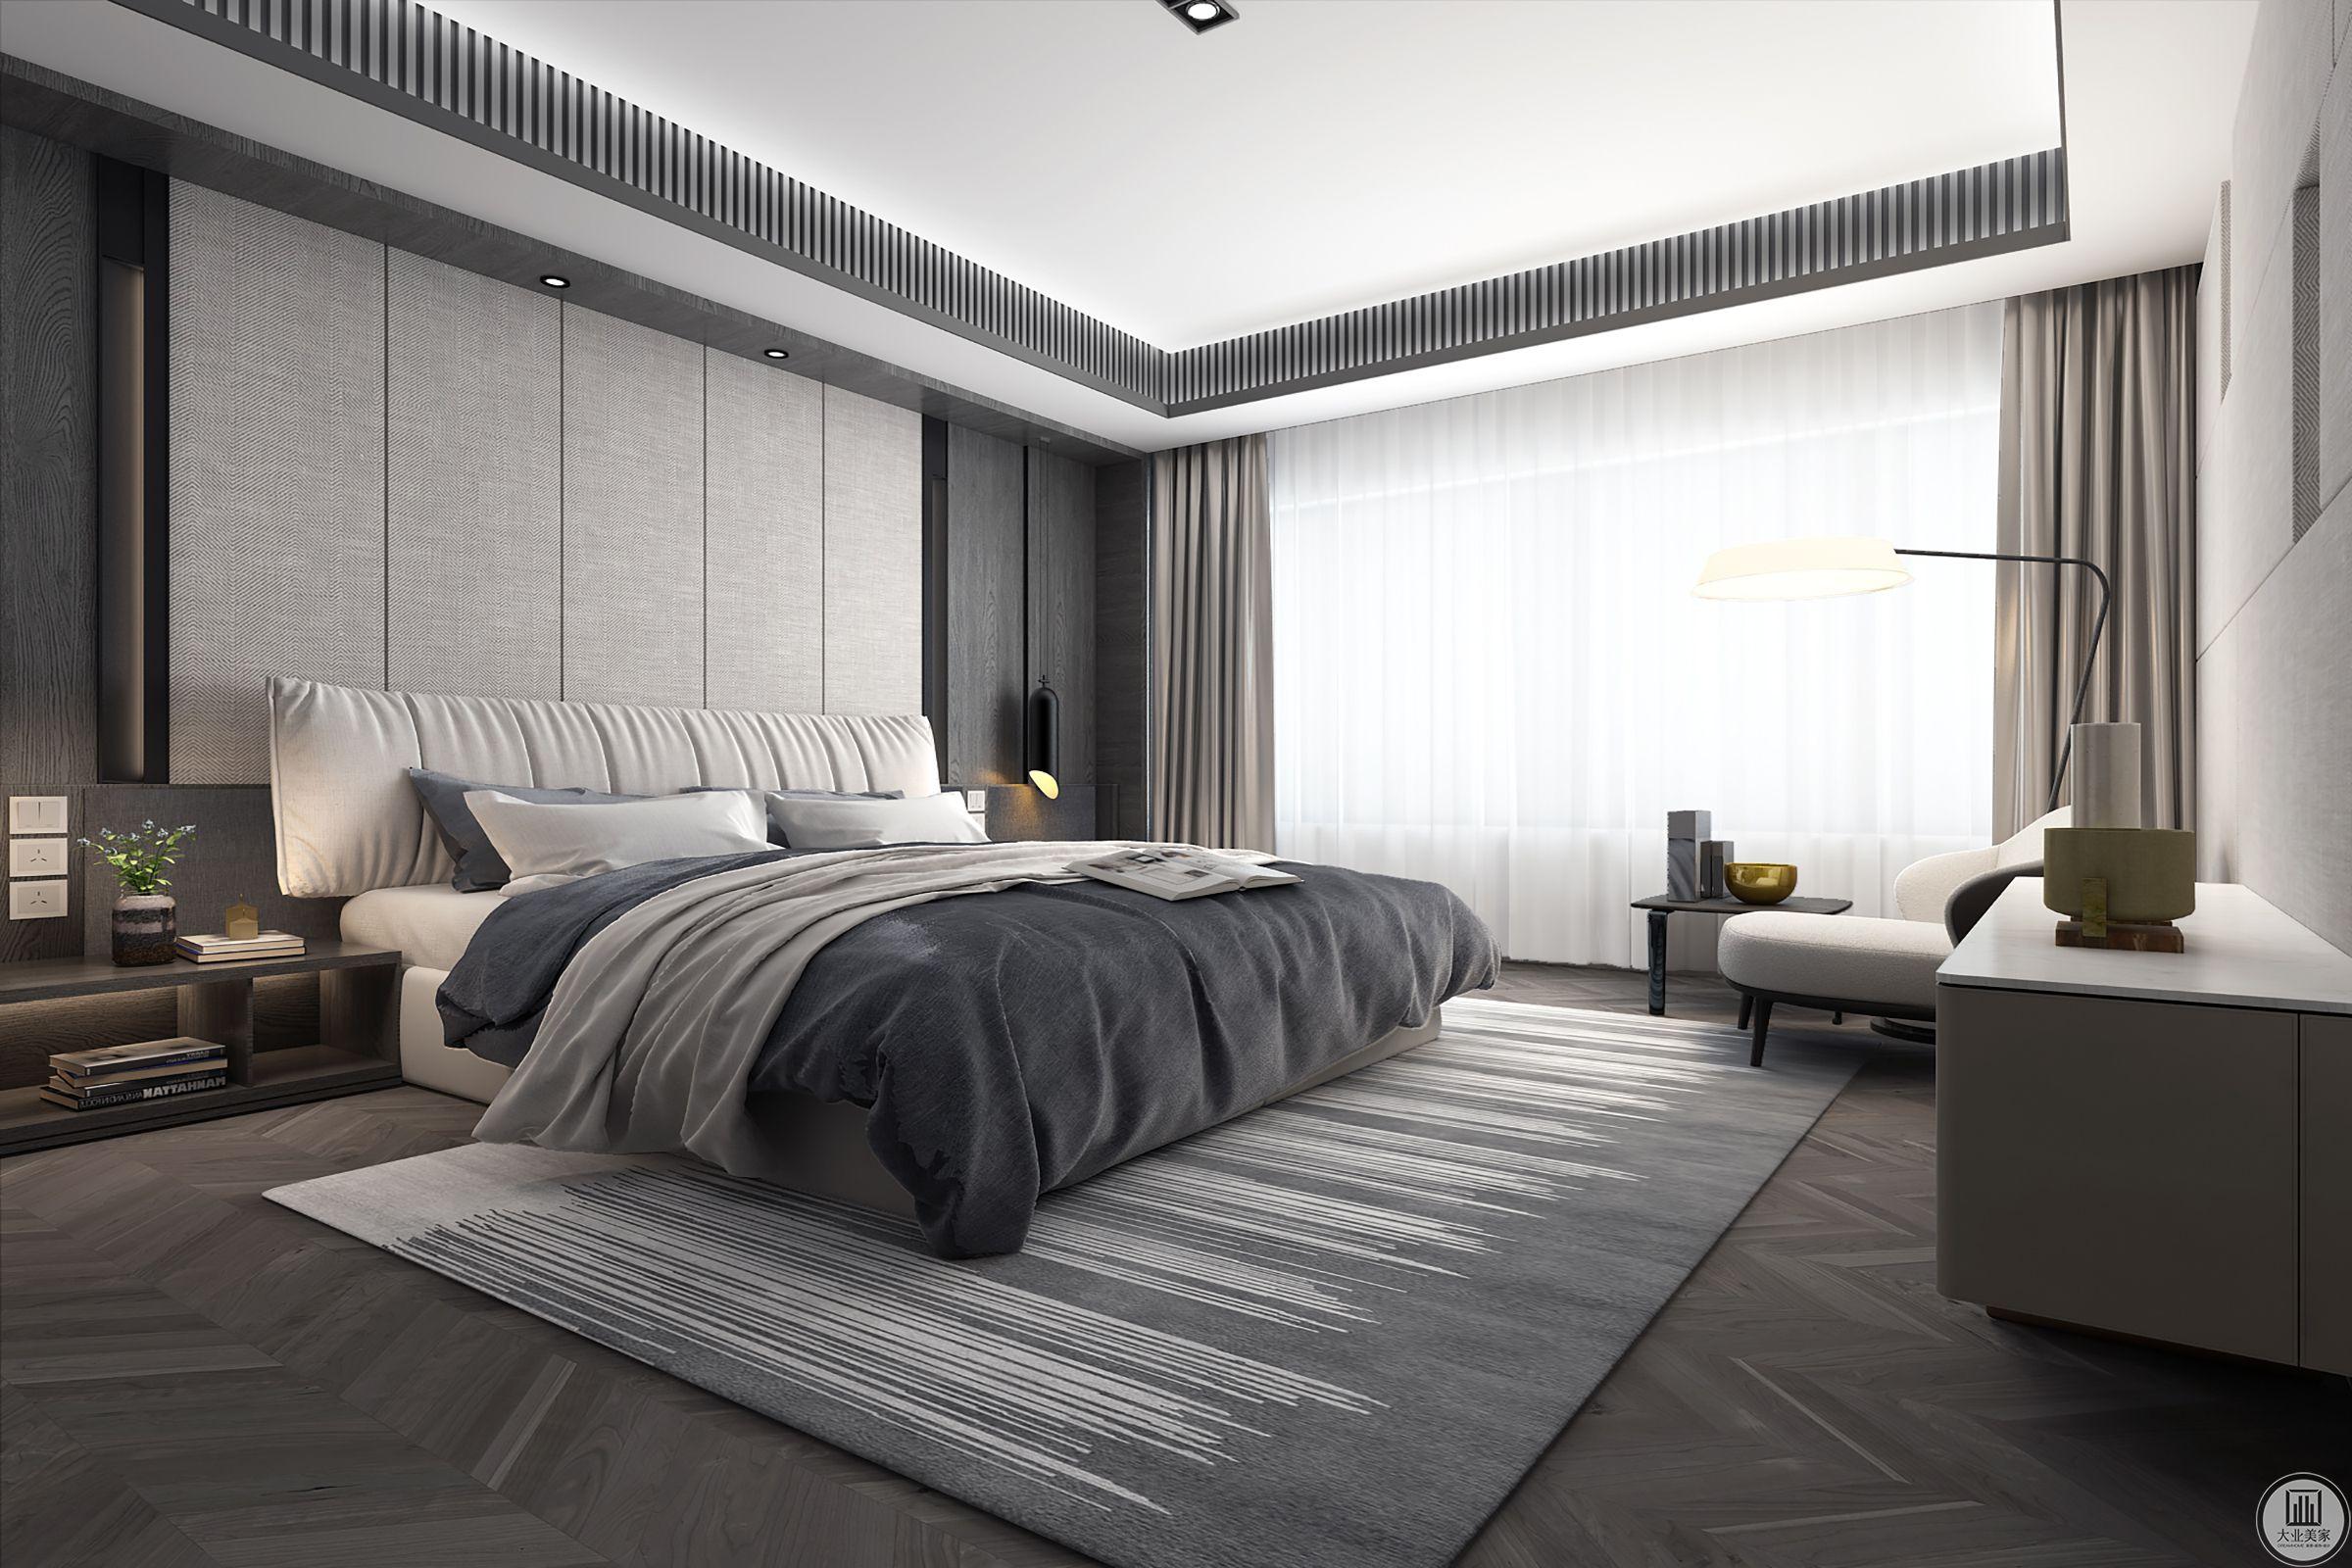 卧室空间在弘扬中华深后文化底蕴的同时,颠覆传统,注入新的元素,温心优雅的空间中透露出新中式的禅意和朴实。